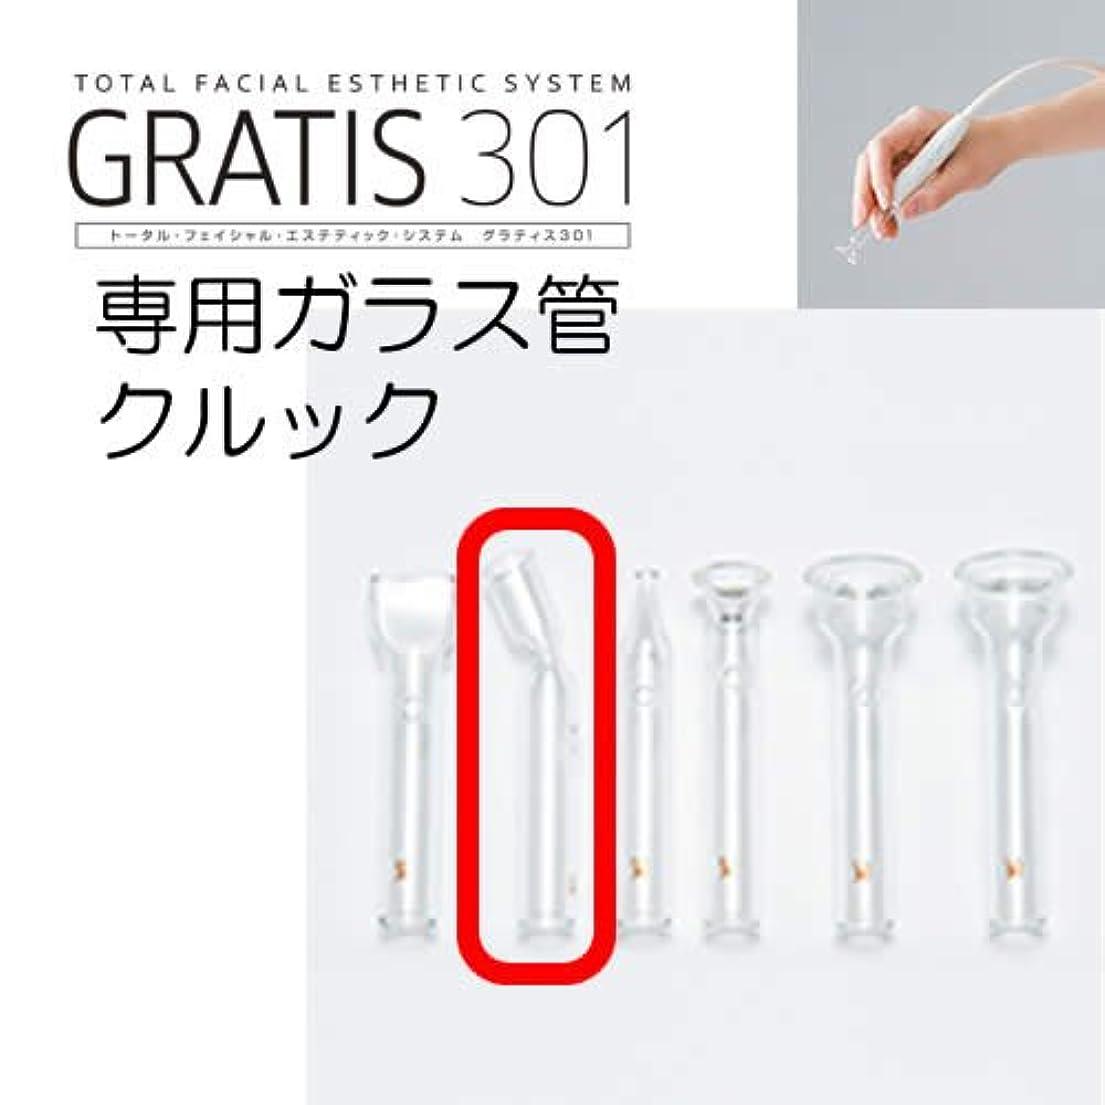 低い特派員息子GRATIS 301(グラティス301)専用ガラス管 クルック(2本セット)